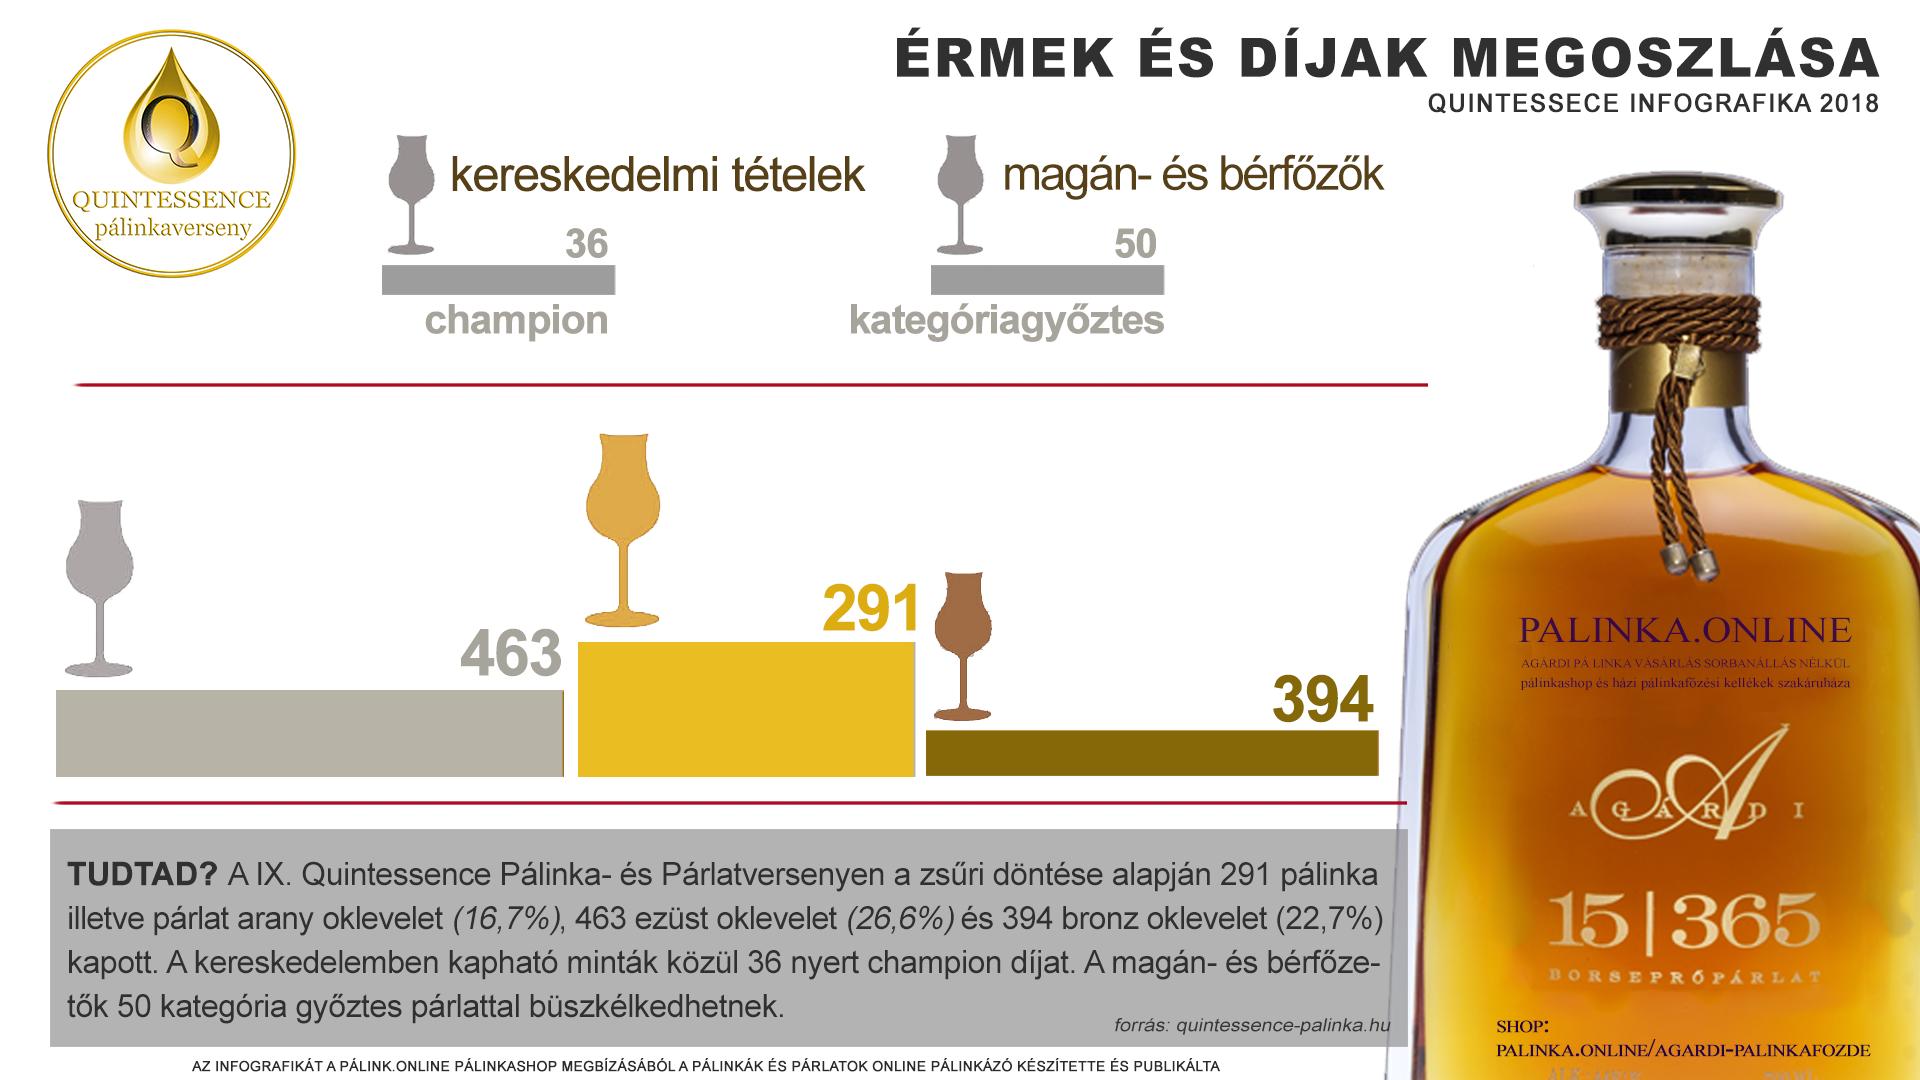 Érmek és díjak a IX. Quintessence pálinkaversenyen - infografika